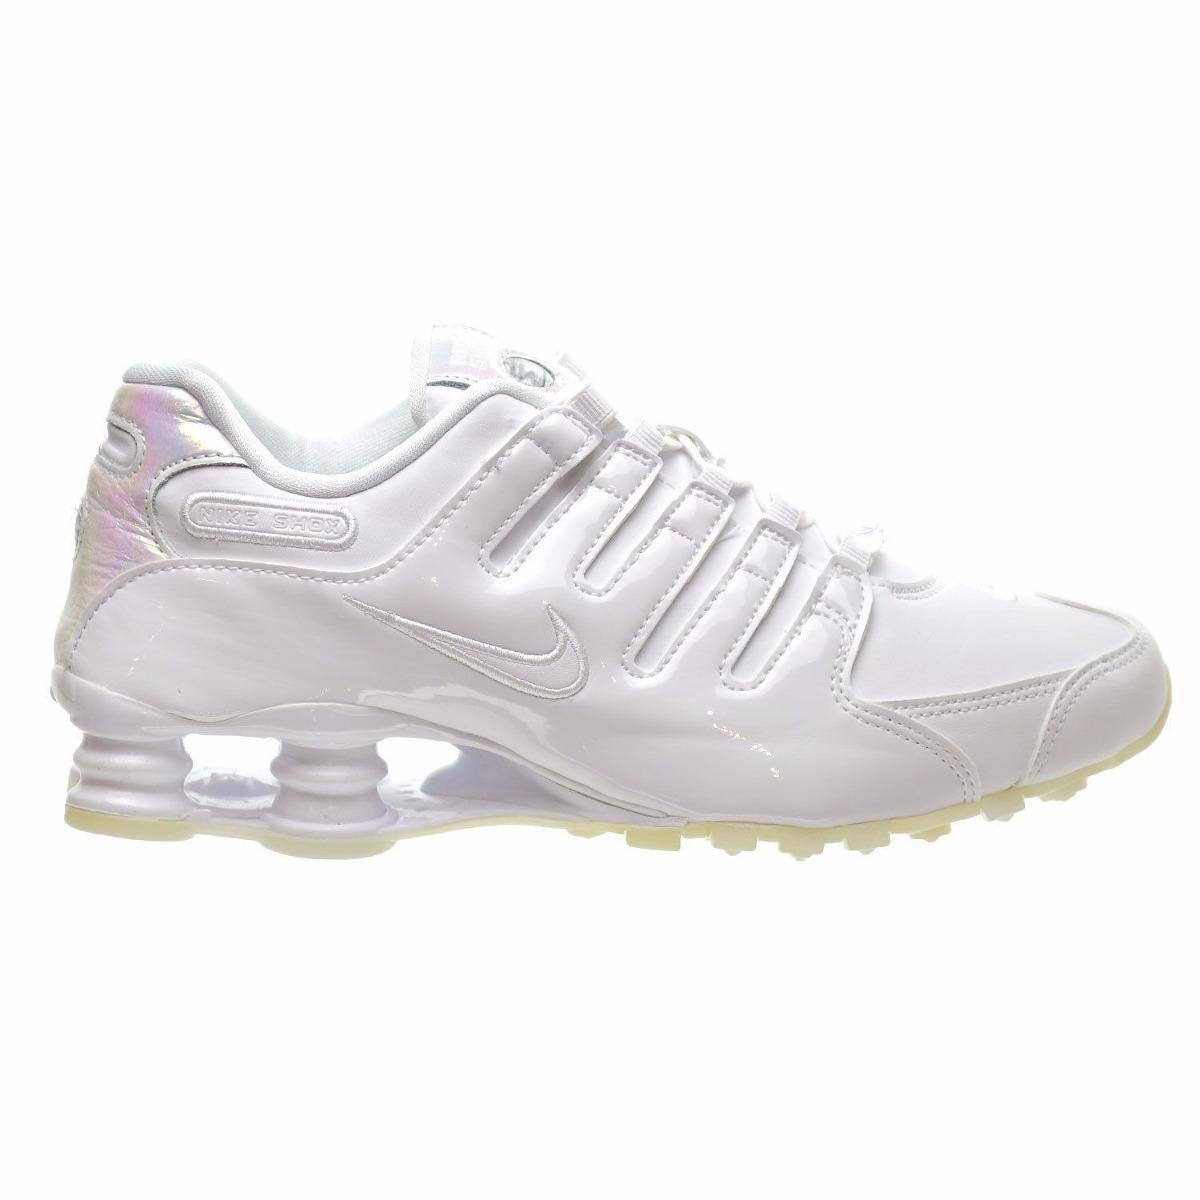 ca6a3909670 tênis nike shox nz feminino branco 636088-115 original. Carregando zoom.